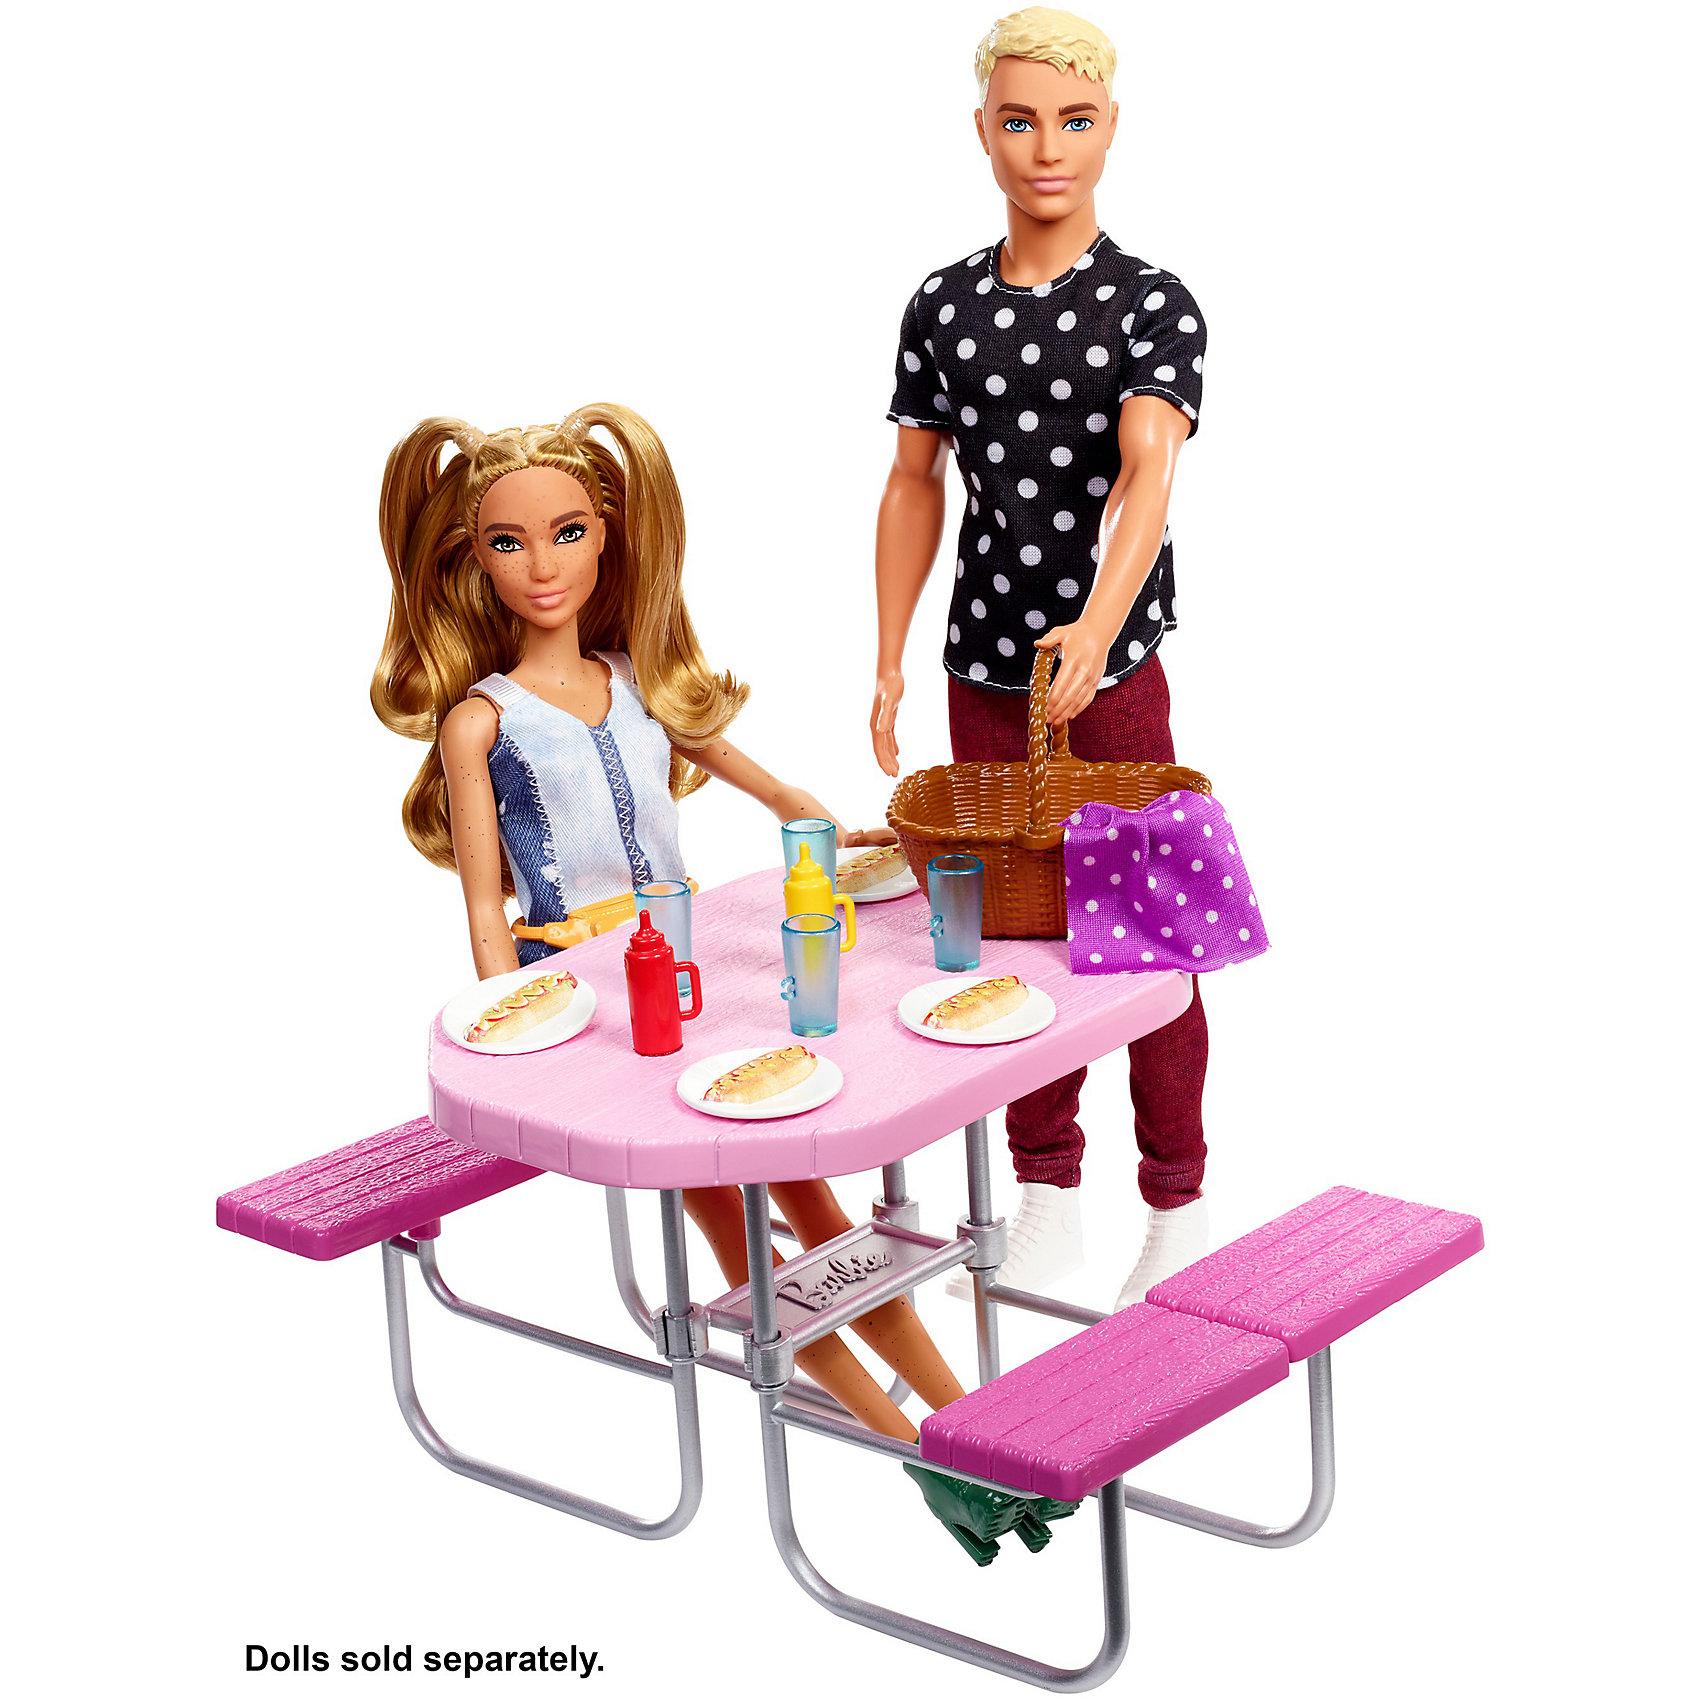 кукла барби и мебель для куклы барби